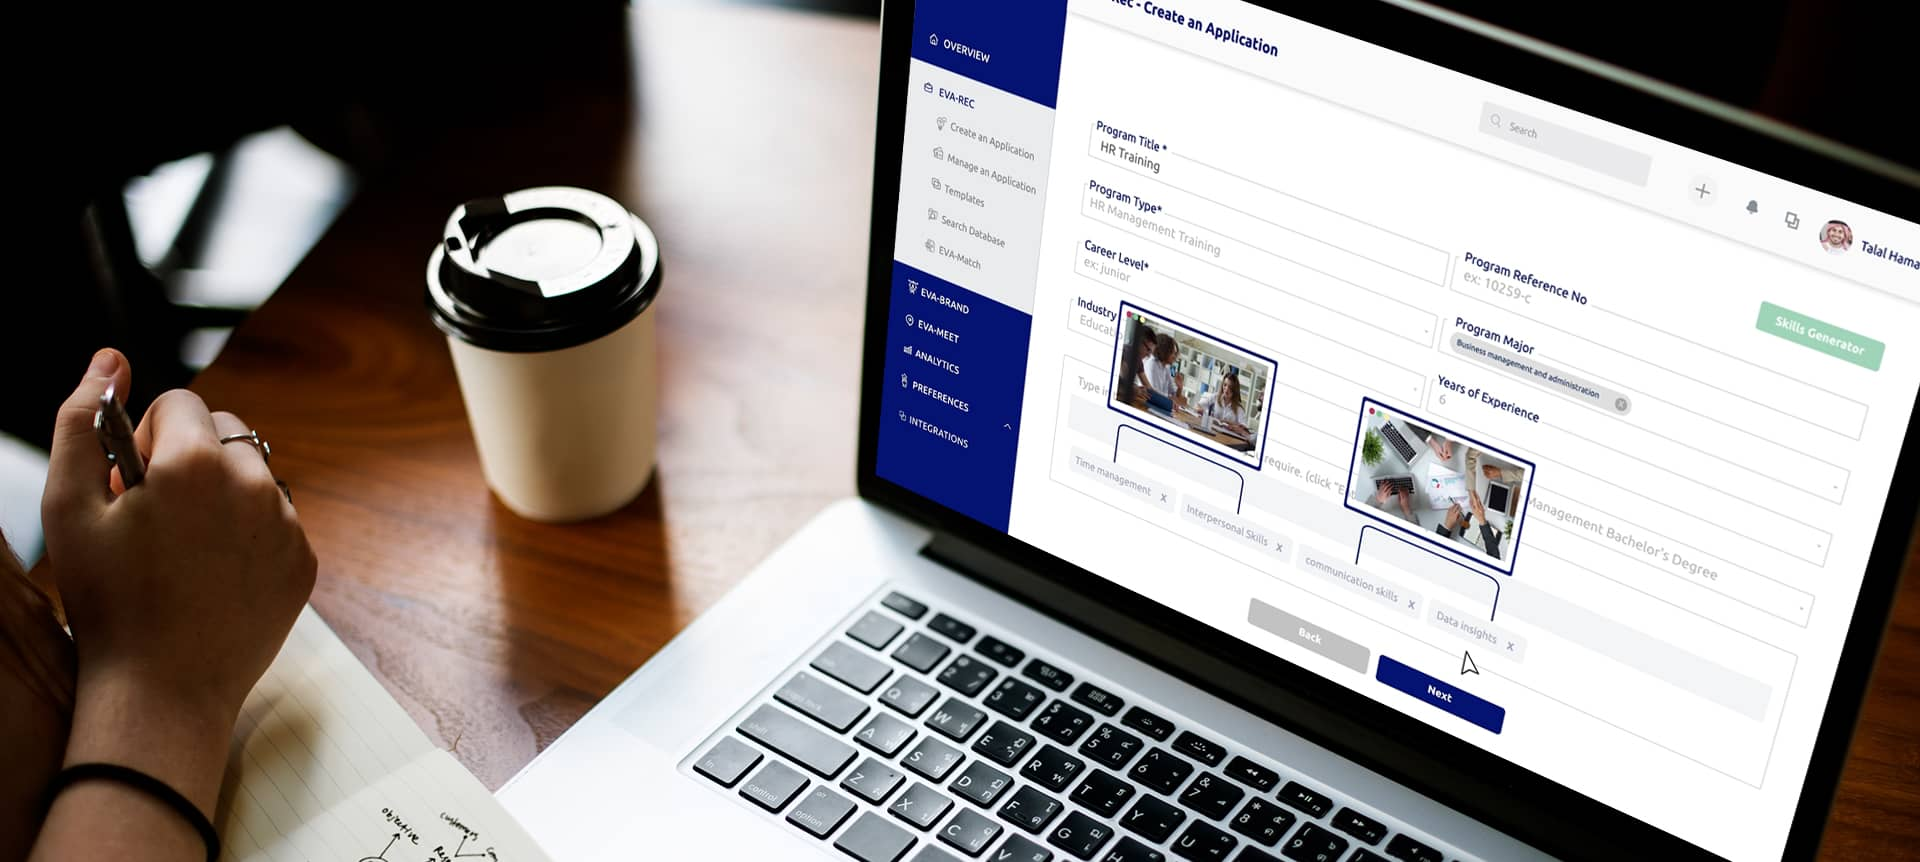 laptop showing hiring platform